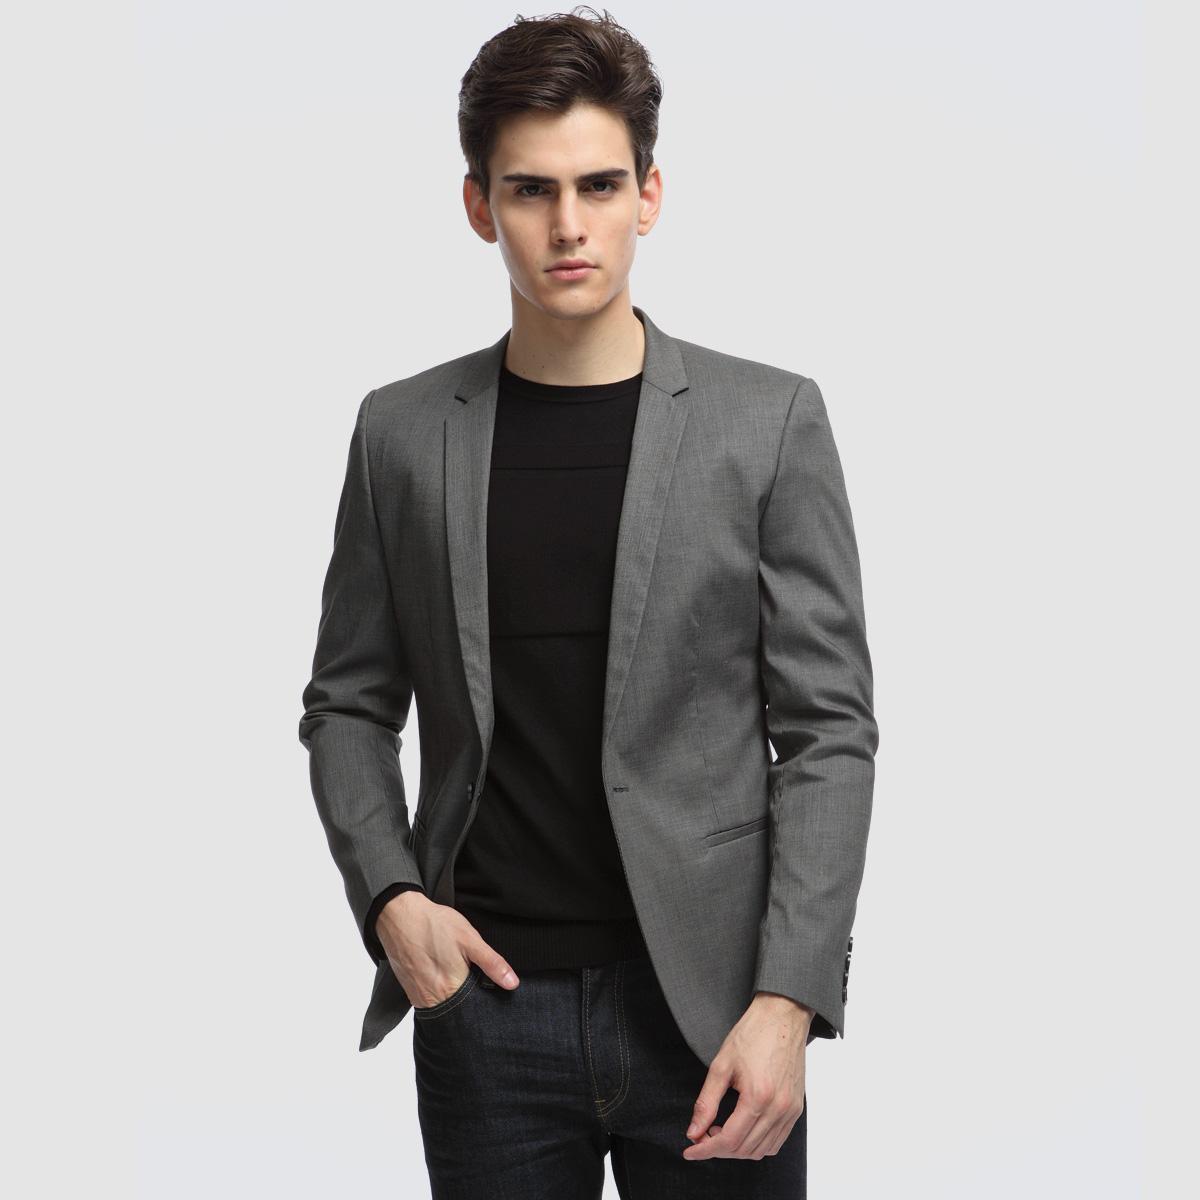 С чем одевать серый пиджак мужчине